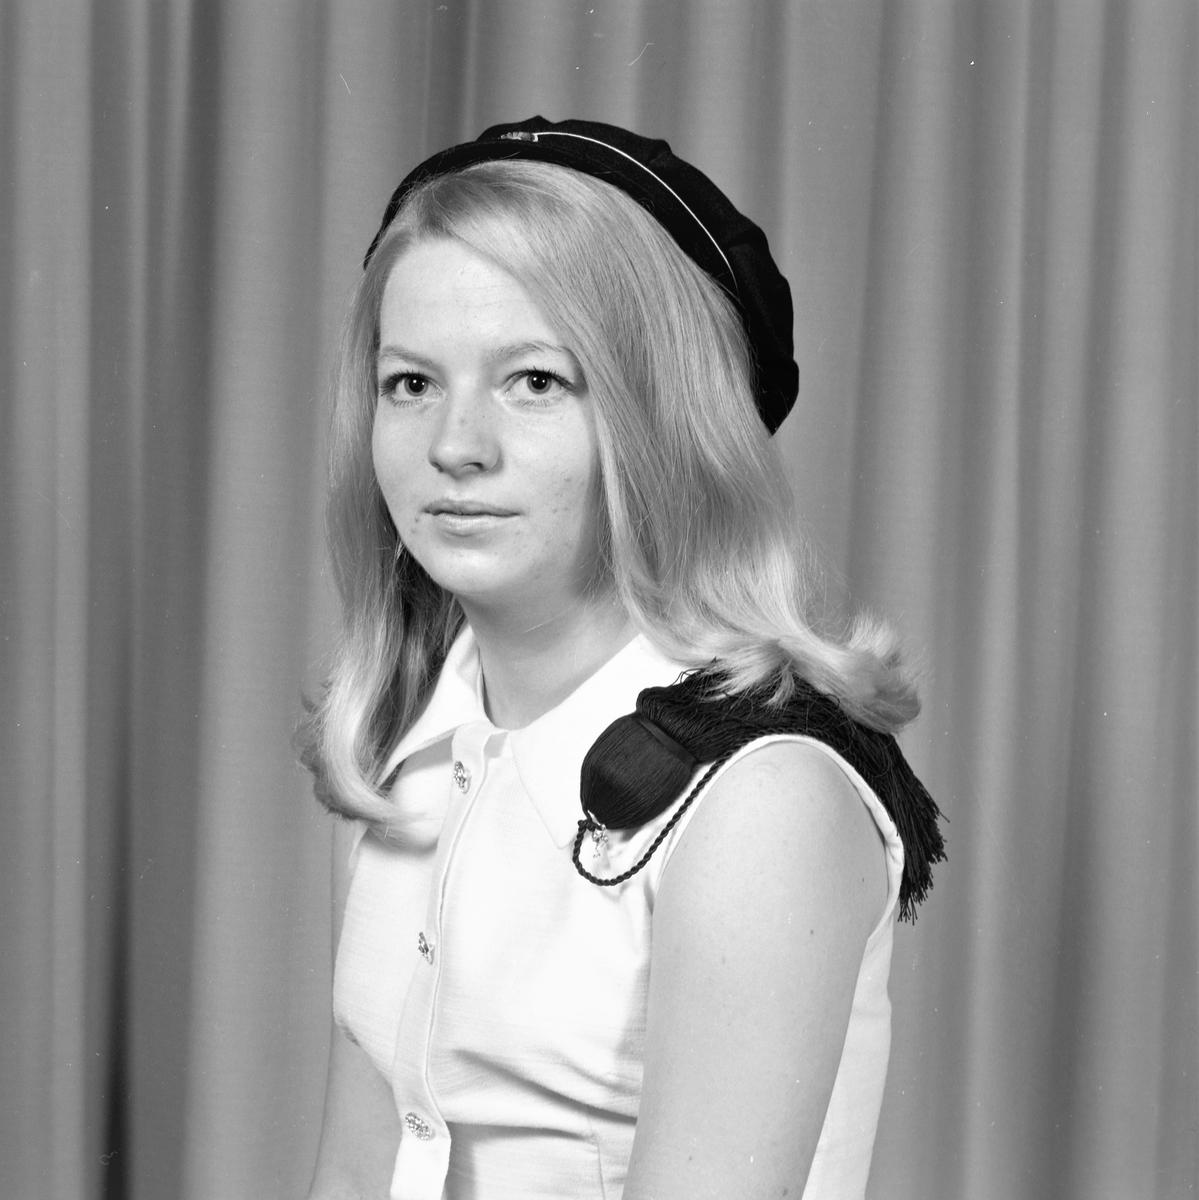 Portrett. Ung kvinne med studenterlue. Bestilt av Dagny Dankertsen. Norheim